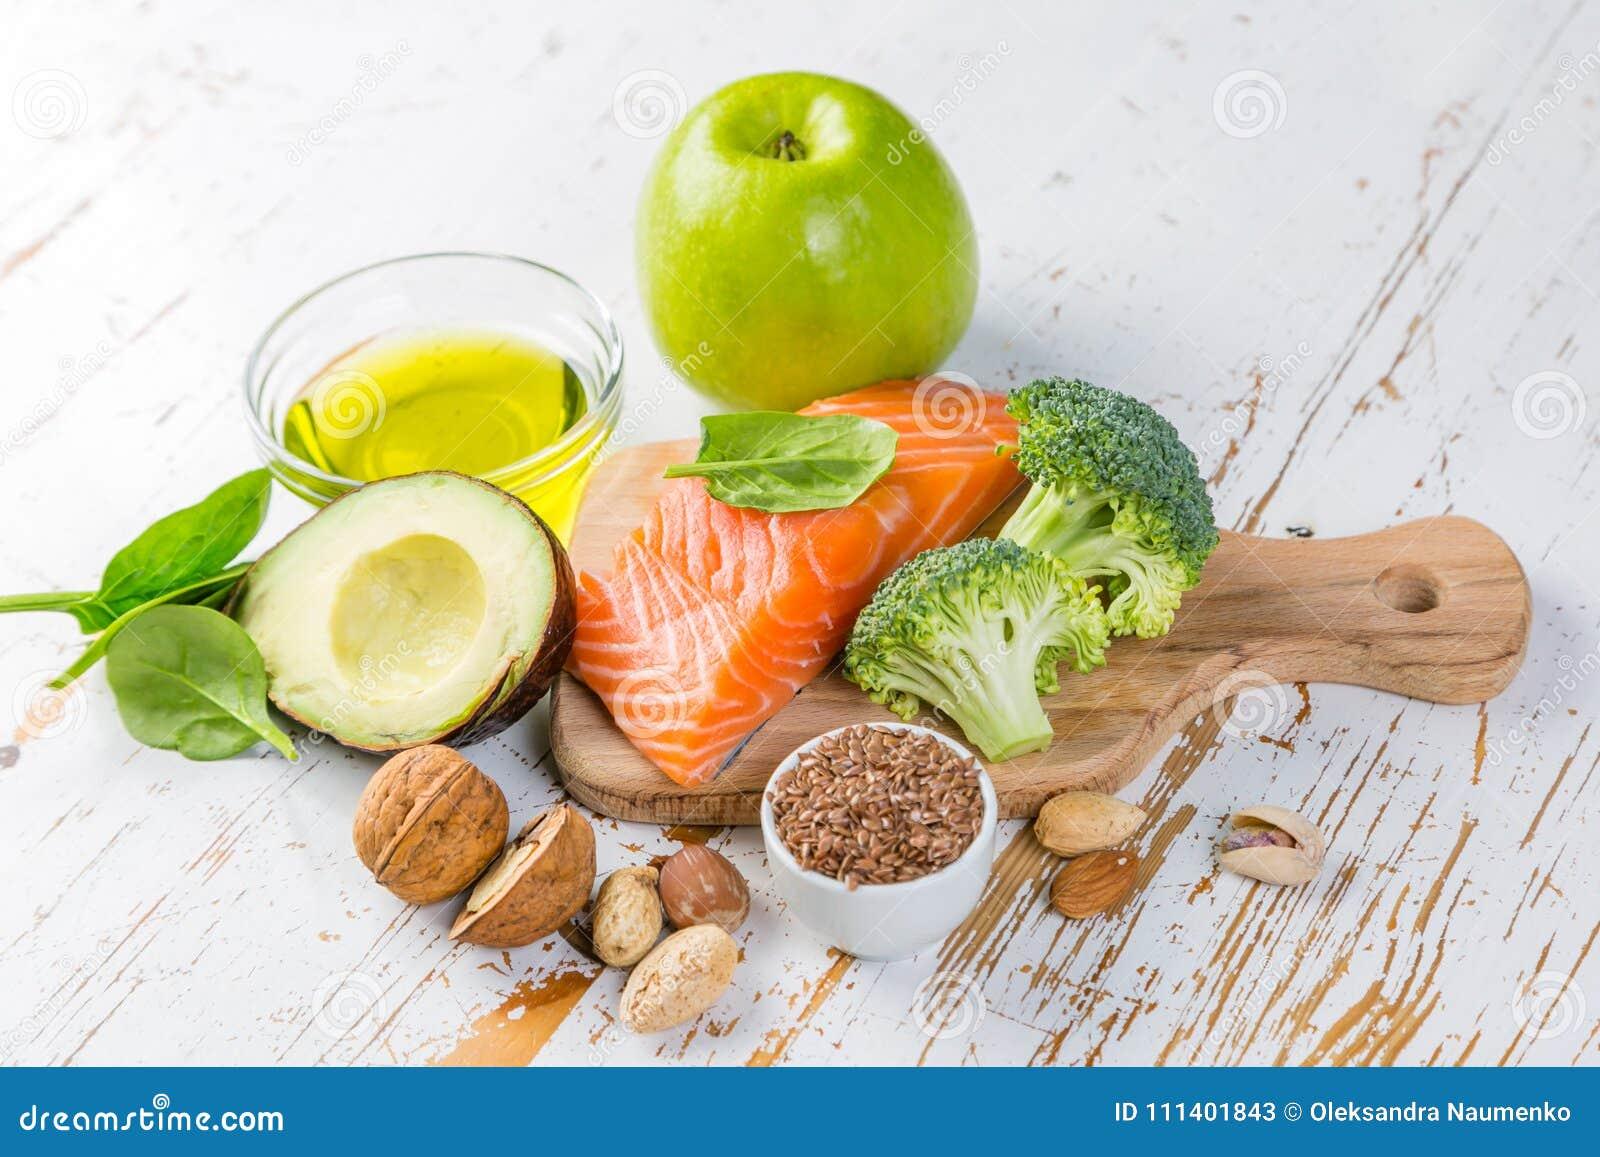 fuentes de alimentos gordos marrones